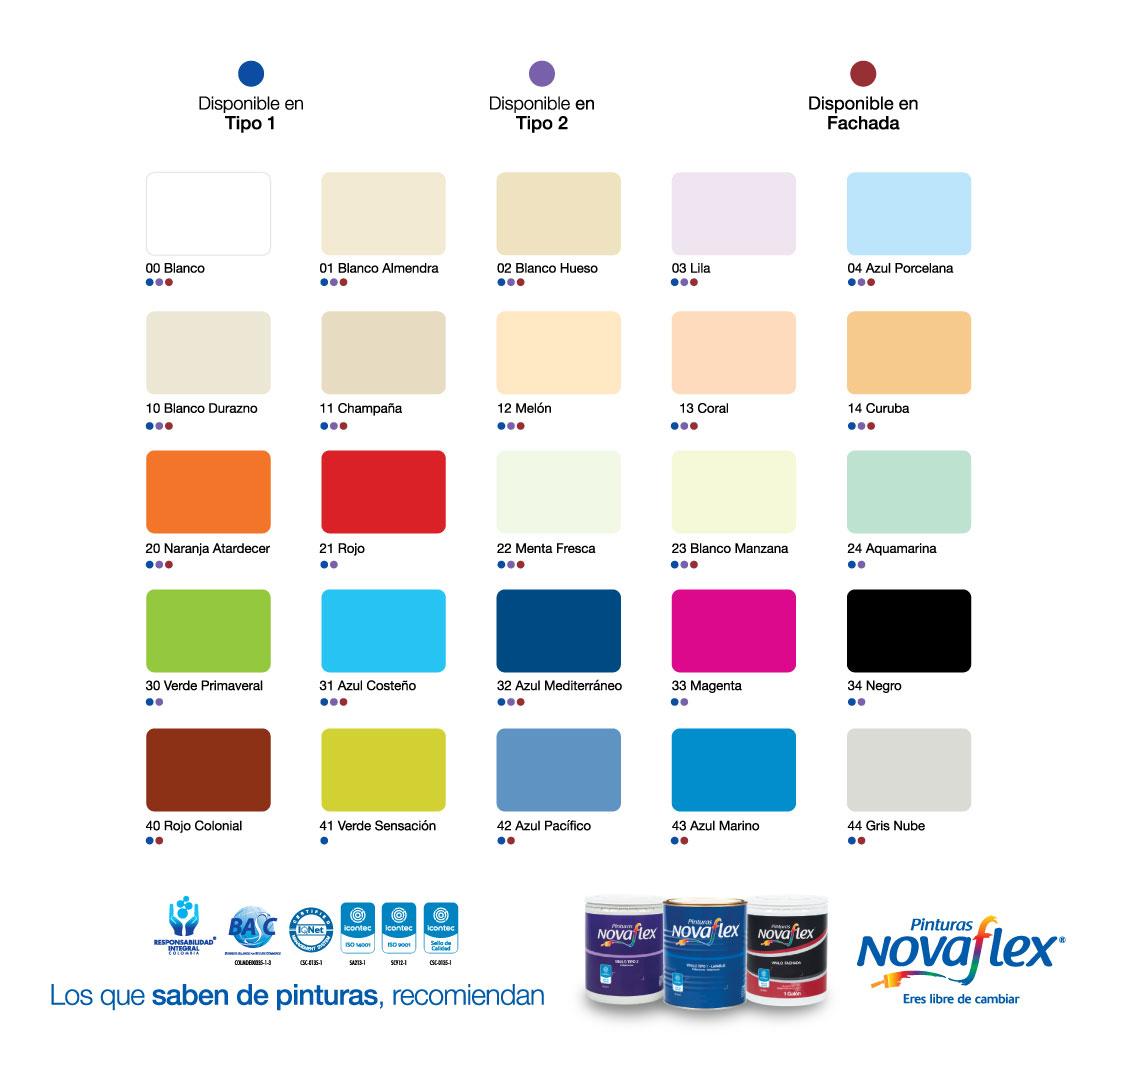 carta colores novaflex1